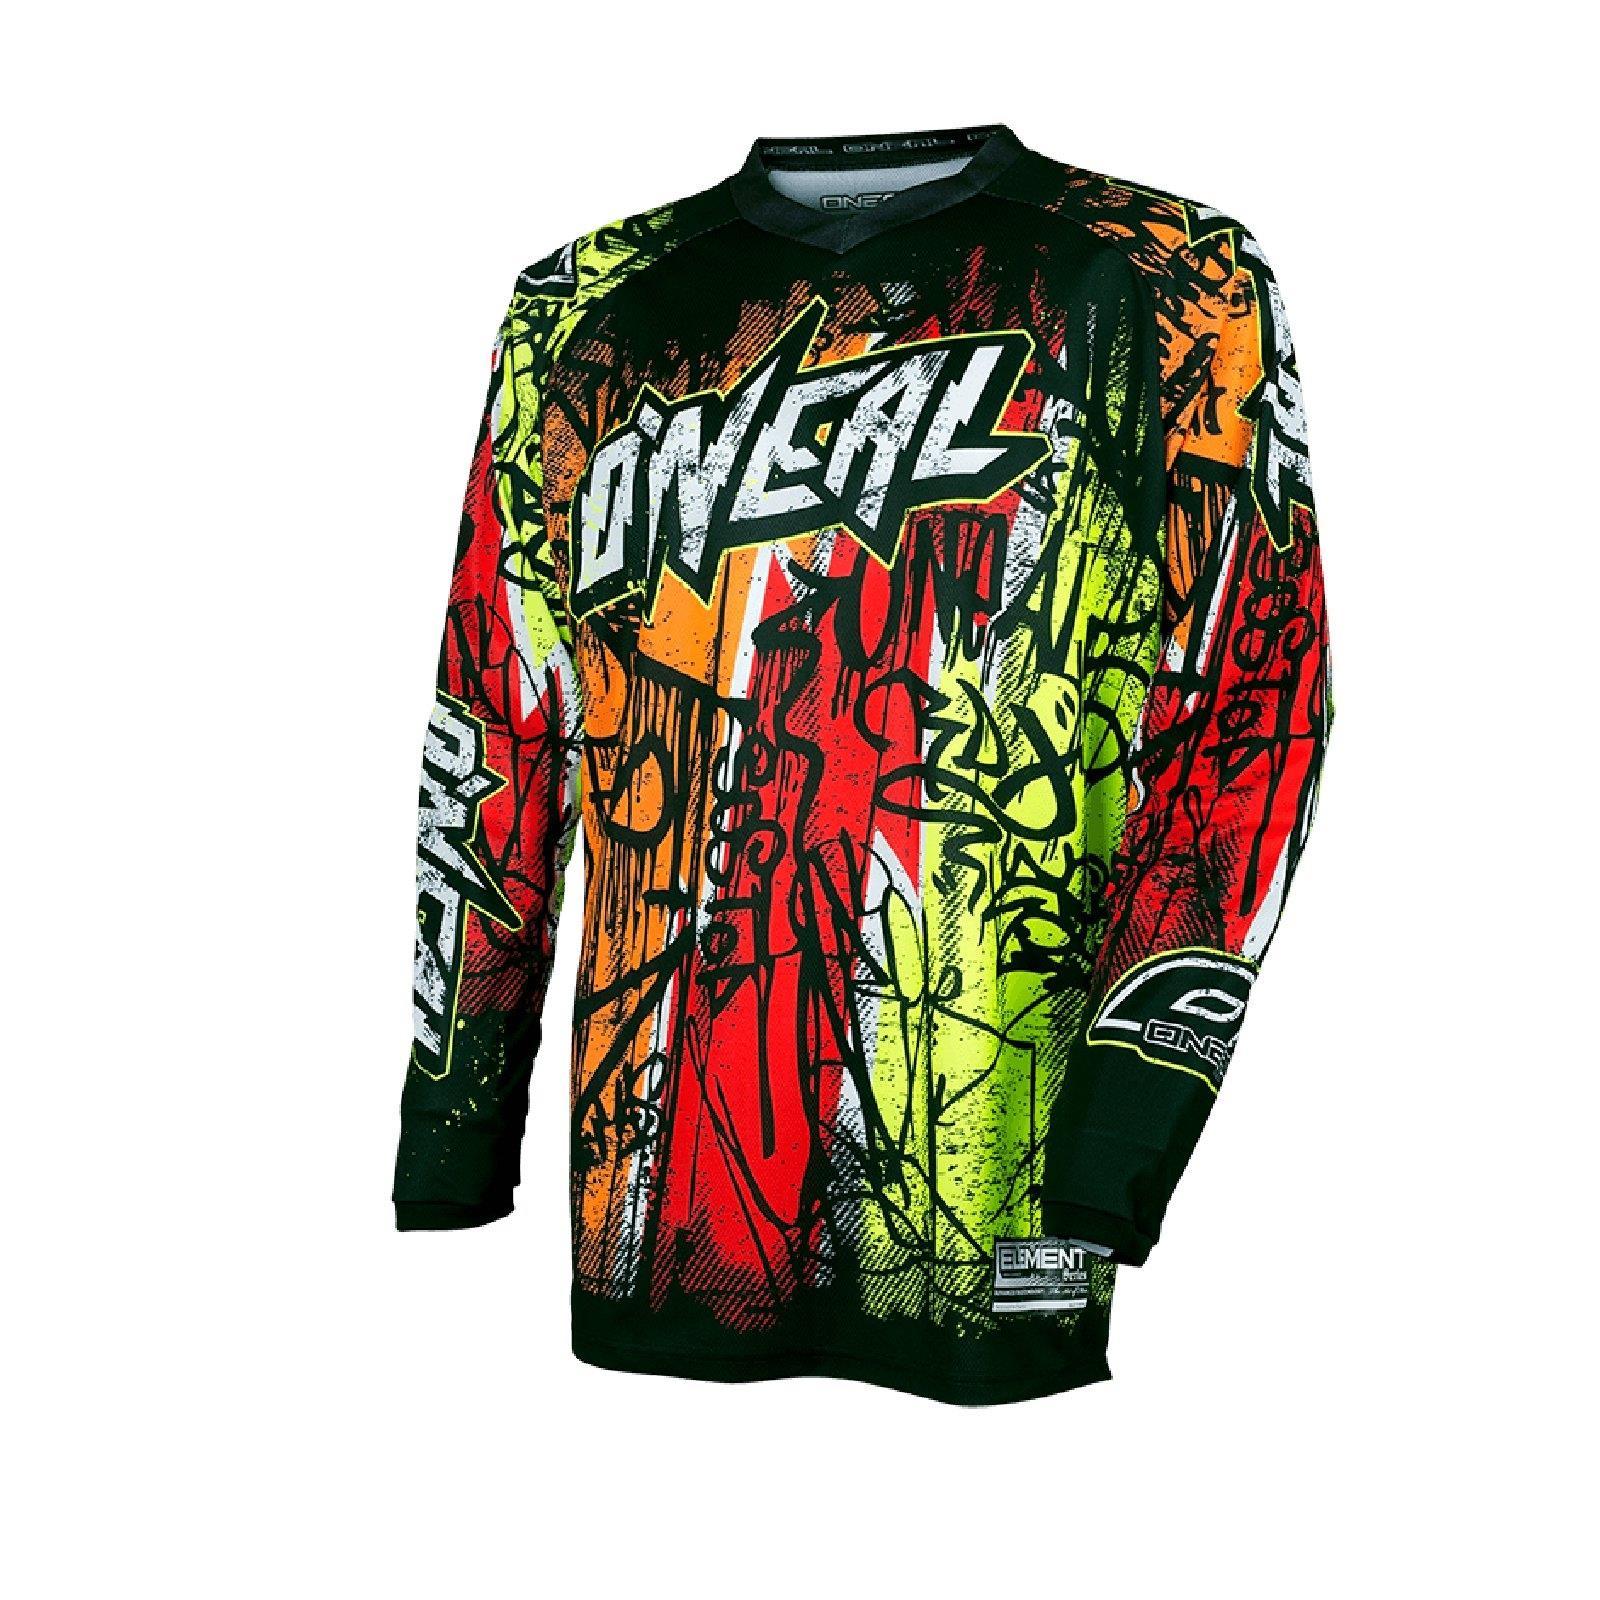 ONEAL-Element-MX-Jersey-VANDAL-maglietta-moto-cross-SX-ENDURO-conducente-Camicia-terreno miniatura 2